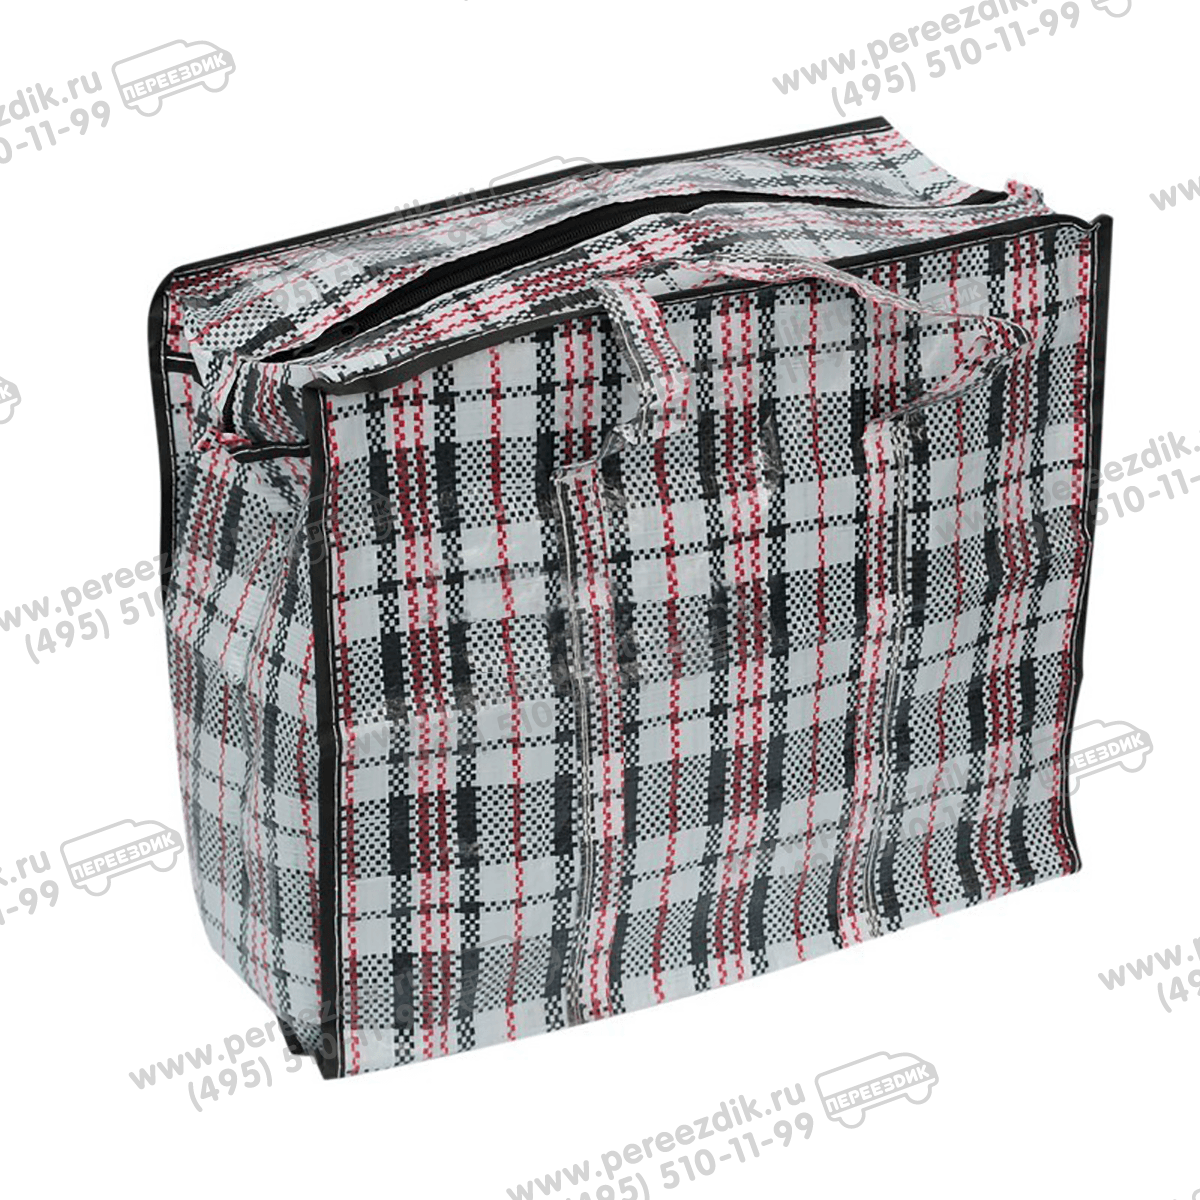 Женские сумки ручной работы. Ярмарка Мастеров - ручная работа. Купить Сумка-баул  из 60551941614